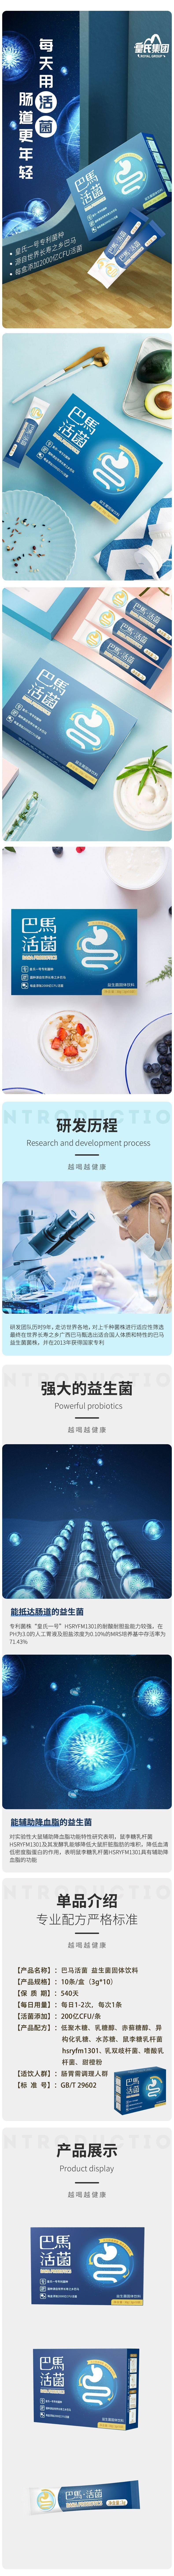 【专家推荐喝益生菌】79.9元抢巴马益生菌,提升免疫力帮助消化,共抗疫情